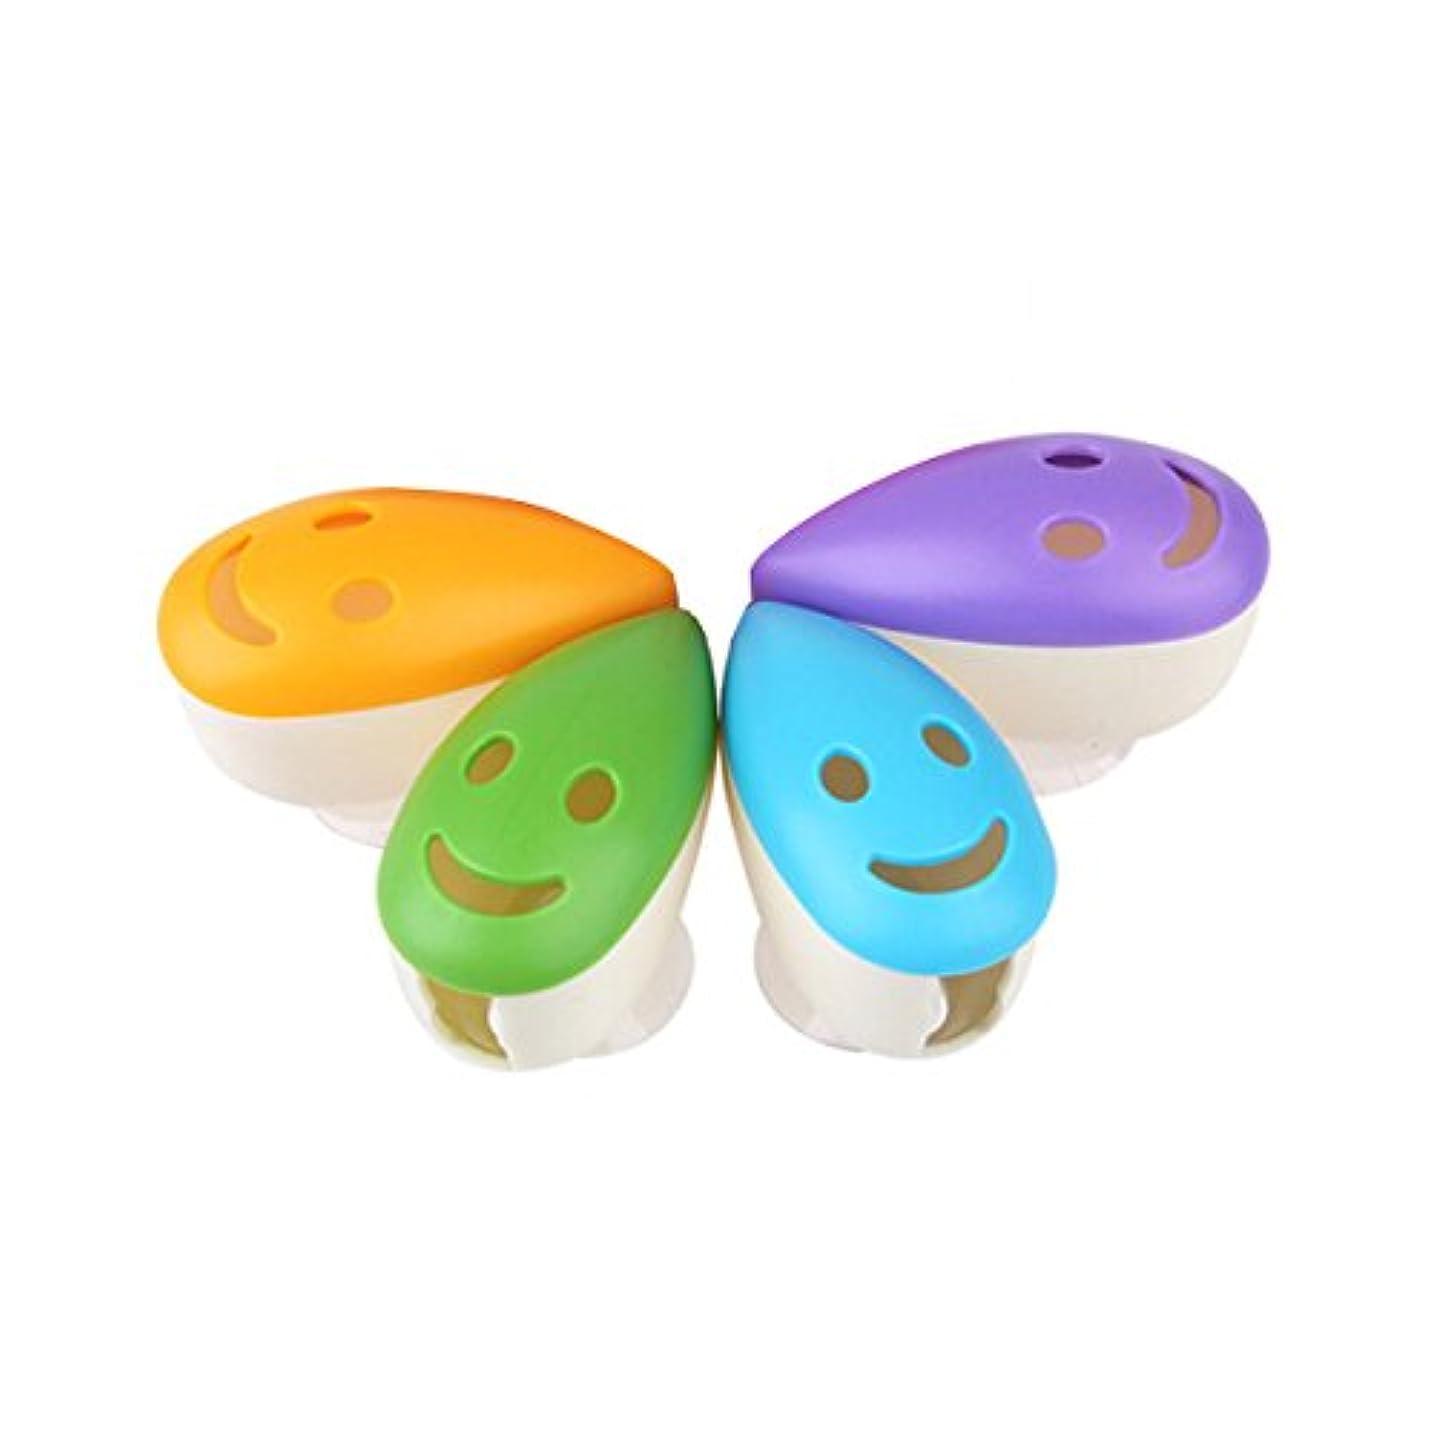 収容する迷路放散するROSENICE スマイルフェイス抗菌歯ブラシヘッドホルダーサクションカップ4本用